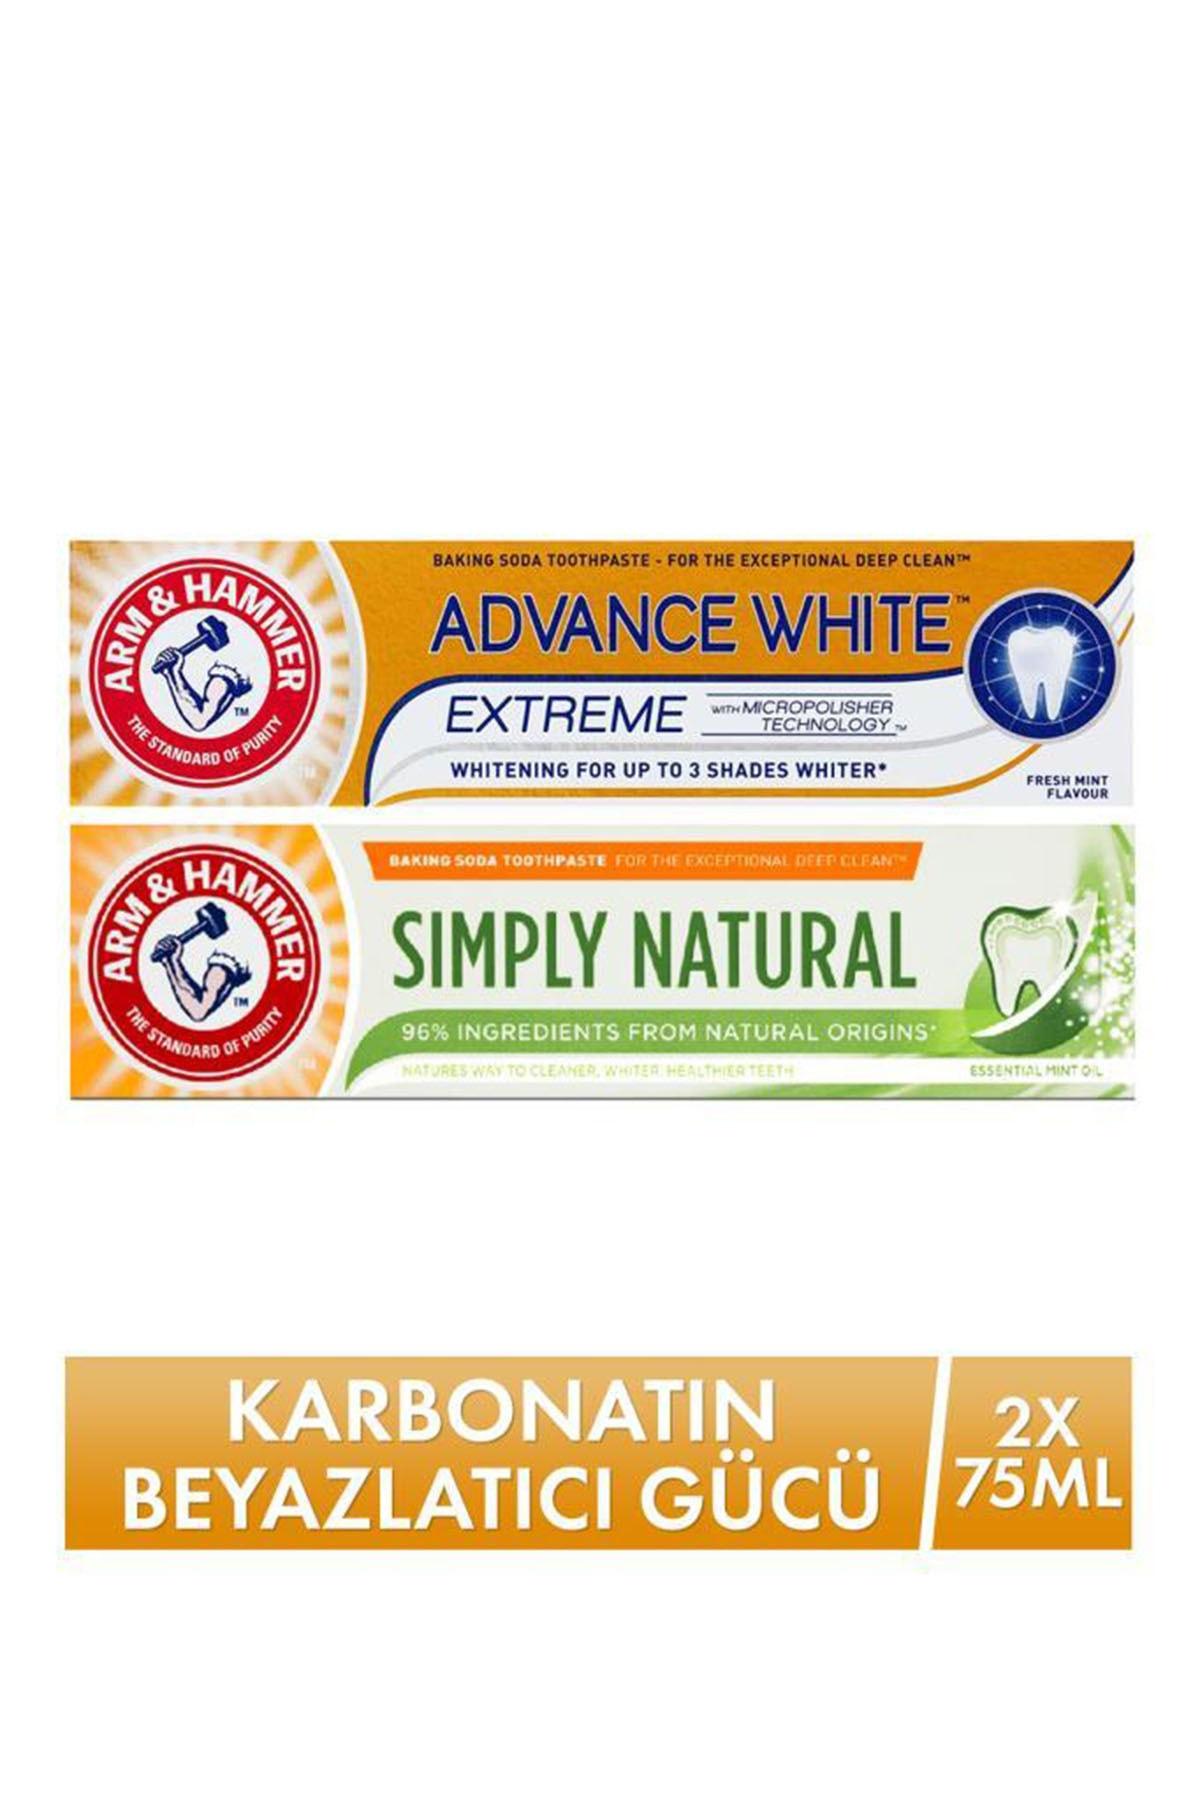 Arm&Hammer 3 Tona Kadar Beyazlatıcı Diş Macunu - Advance White 75ml & Natural Toothpaste 75ml 50107245250432